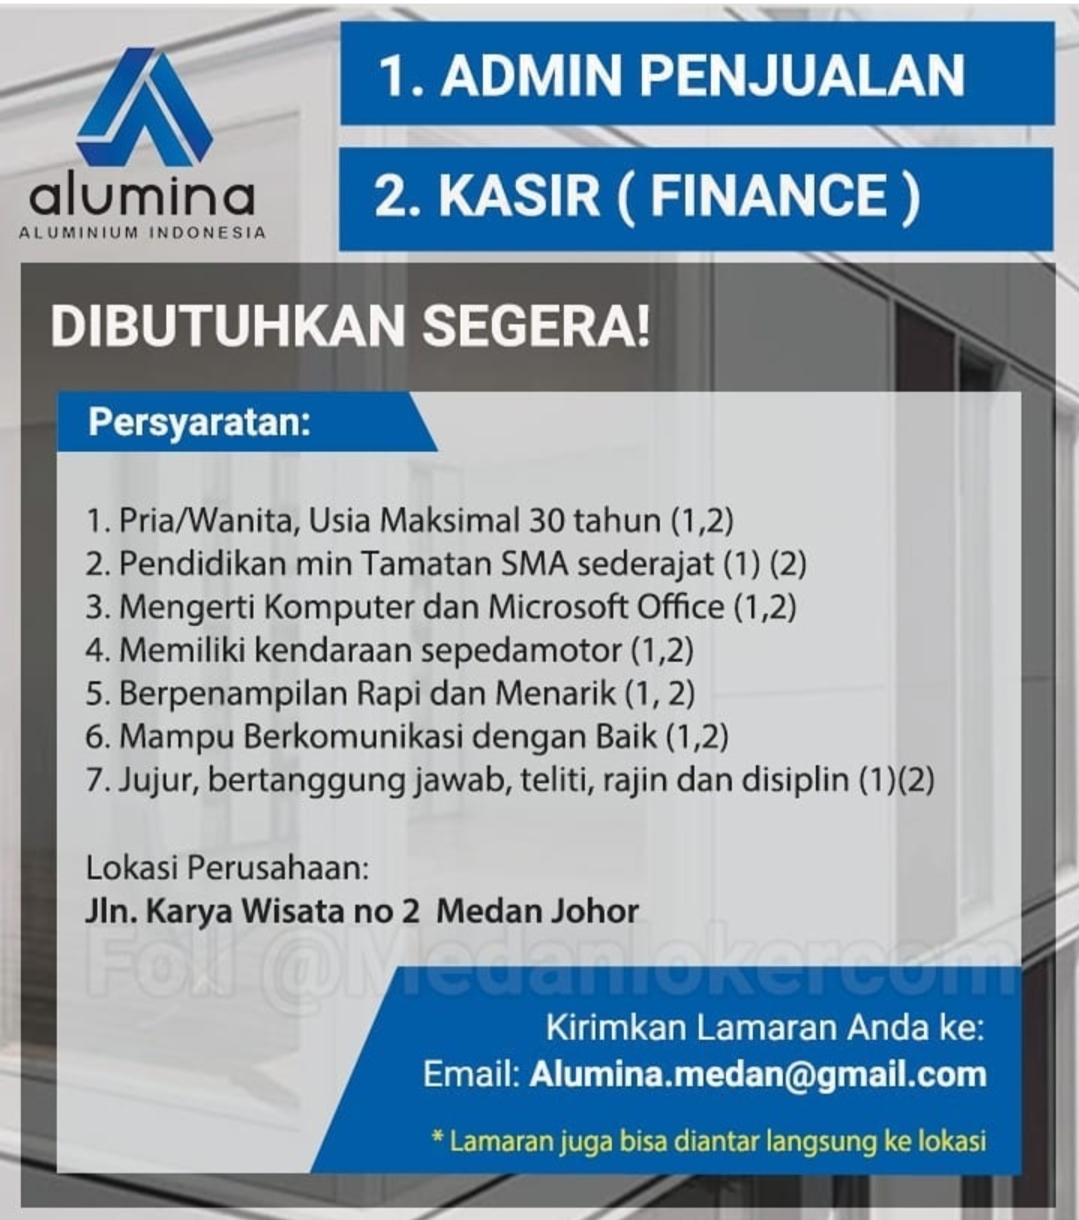 Lowongan Kerja Sma Smk Terbaru Di Pt Aluminium Indonesia Alumina Medan Agustus 2020 Lowongan Kerja Medan Terbaru Tahun 2021